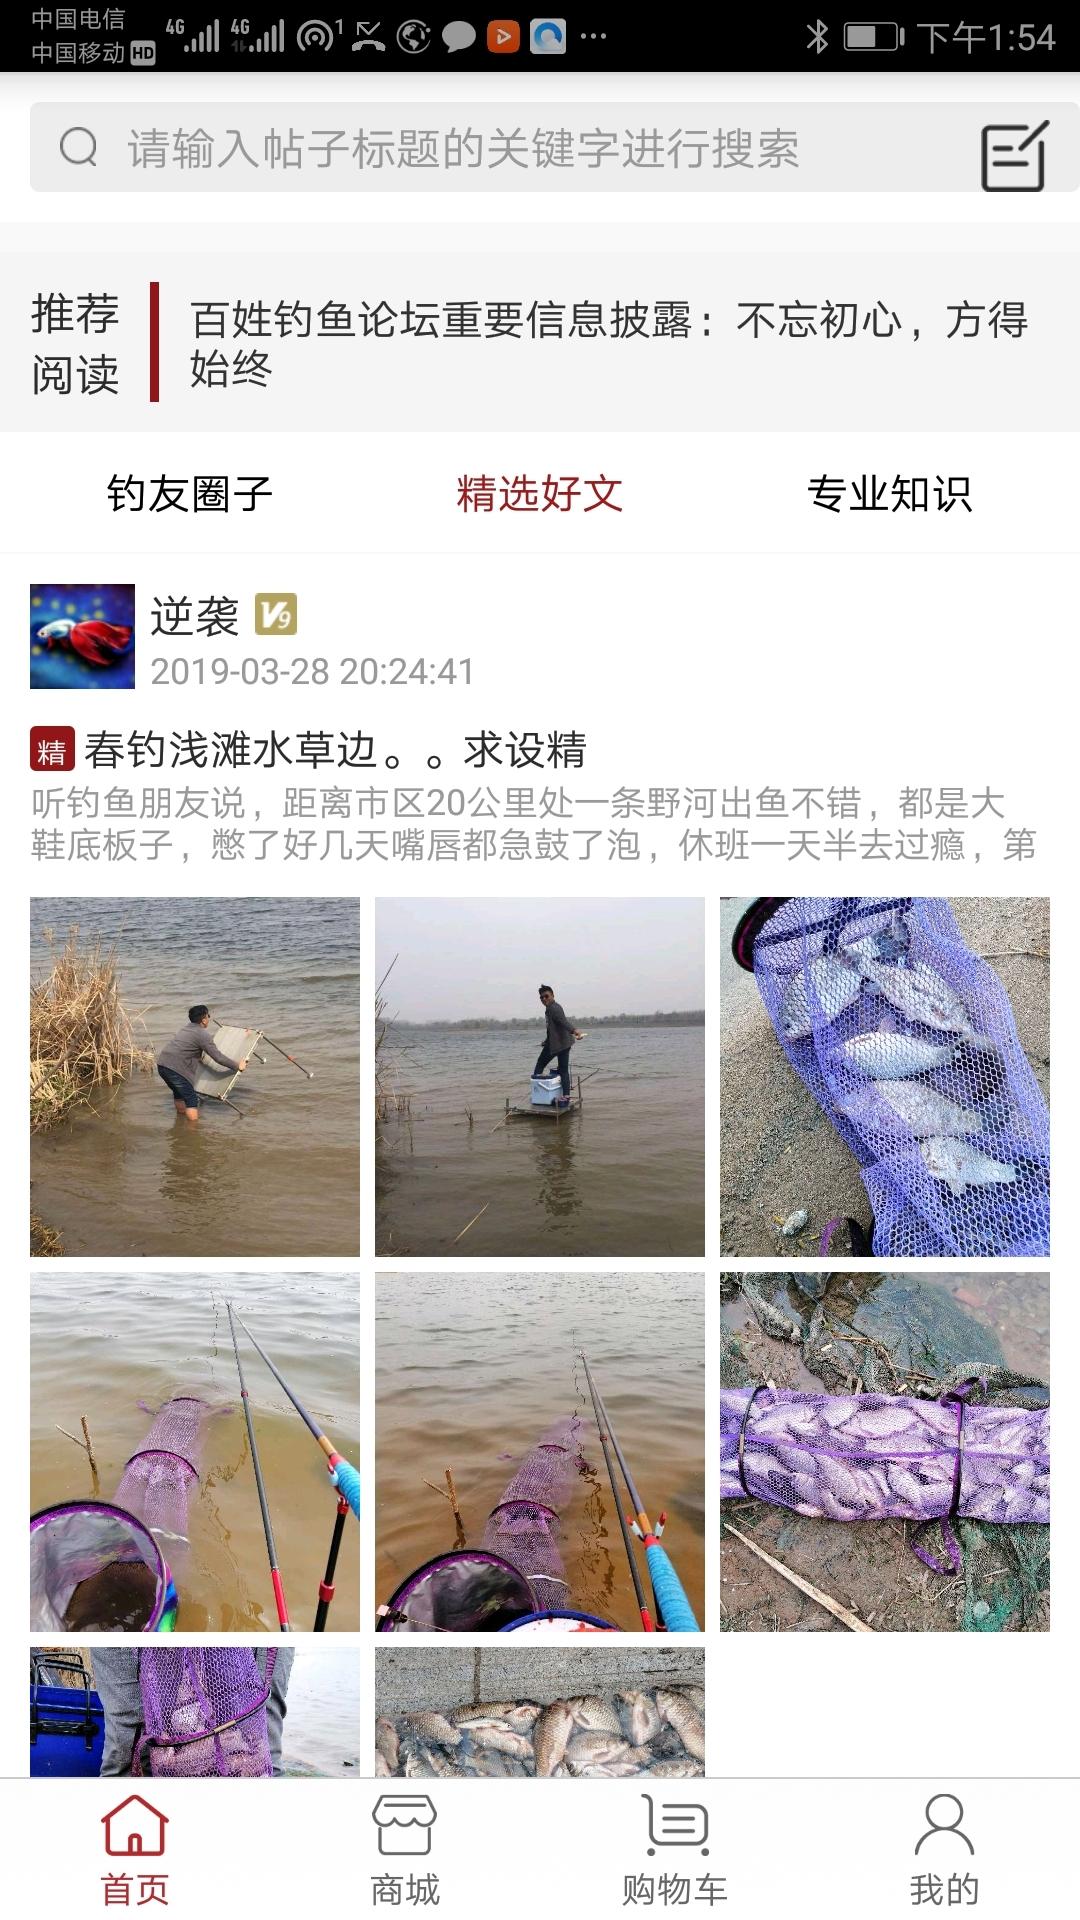 百姓钓鱼论坛 V2.0.3 安卓版截图2